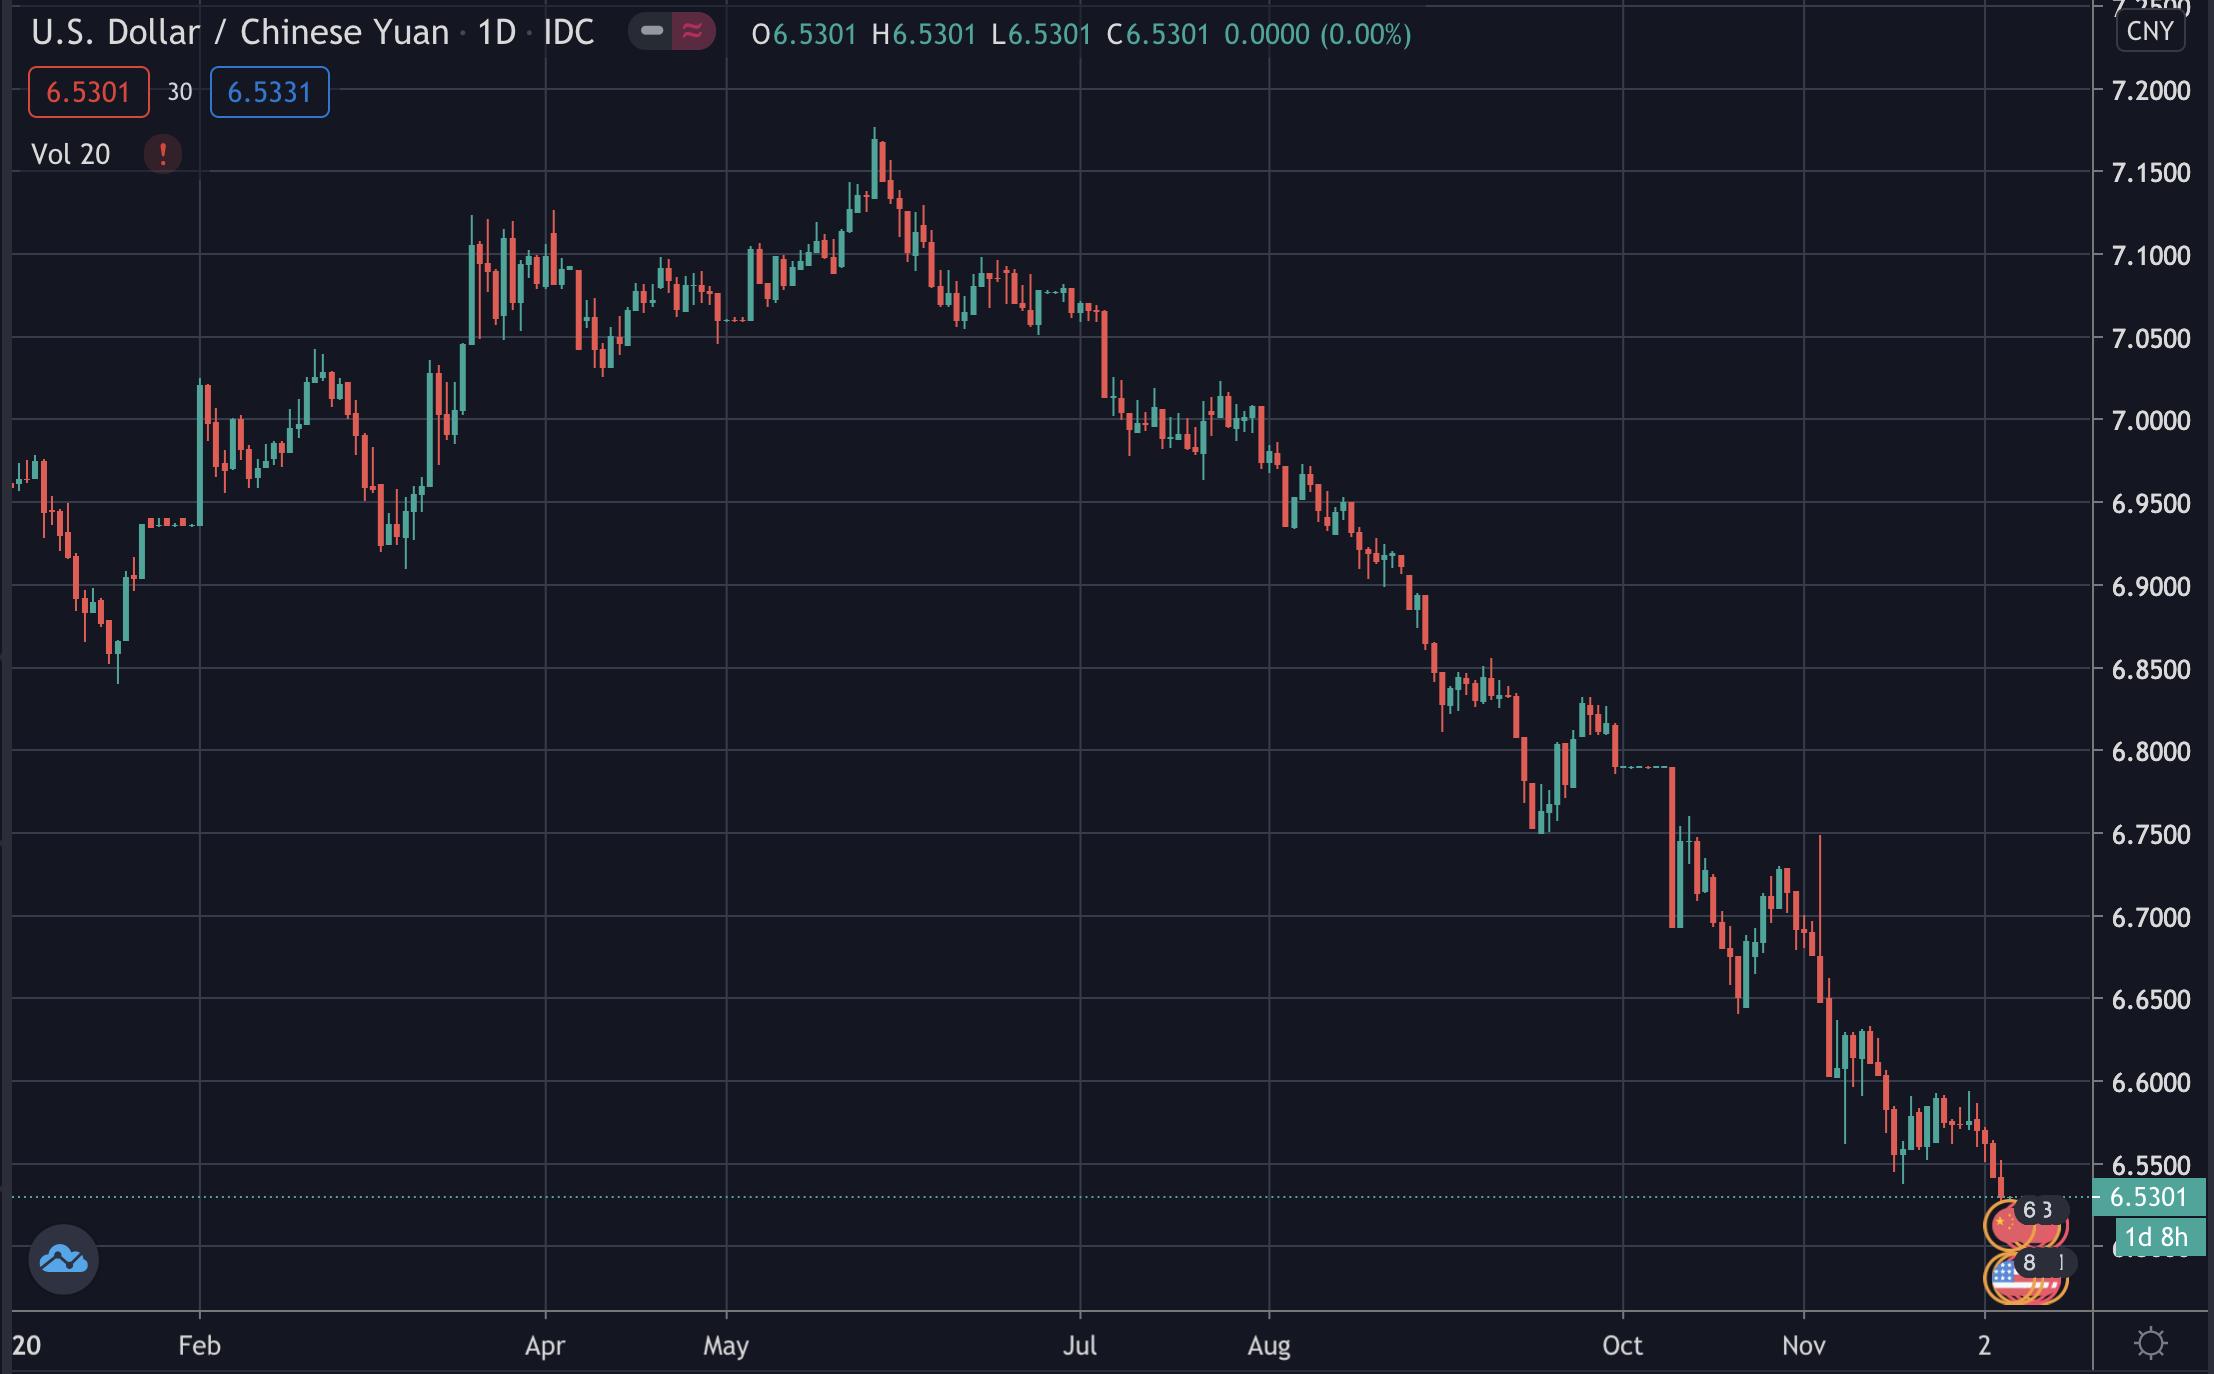 Dollar falls, yuan rises, Dec 2020